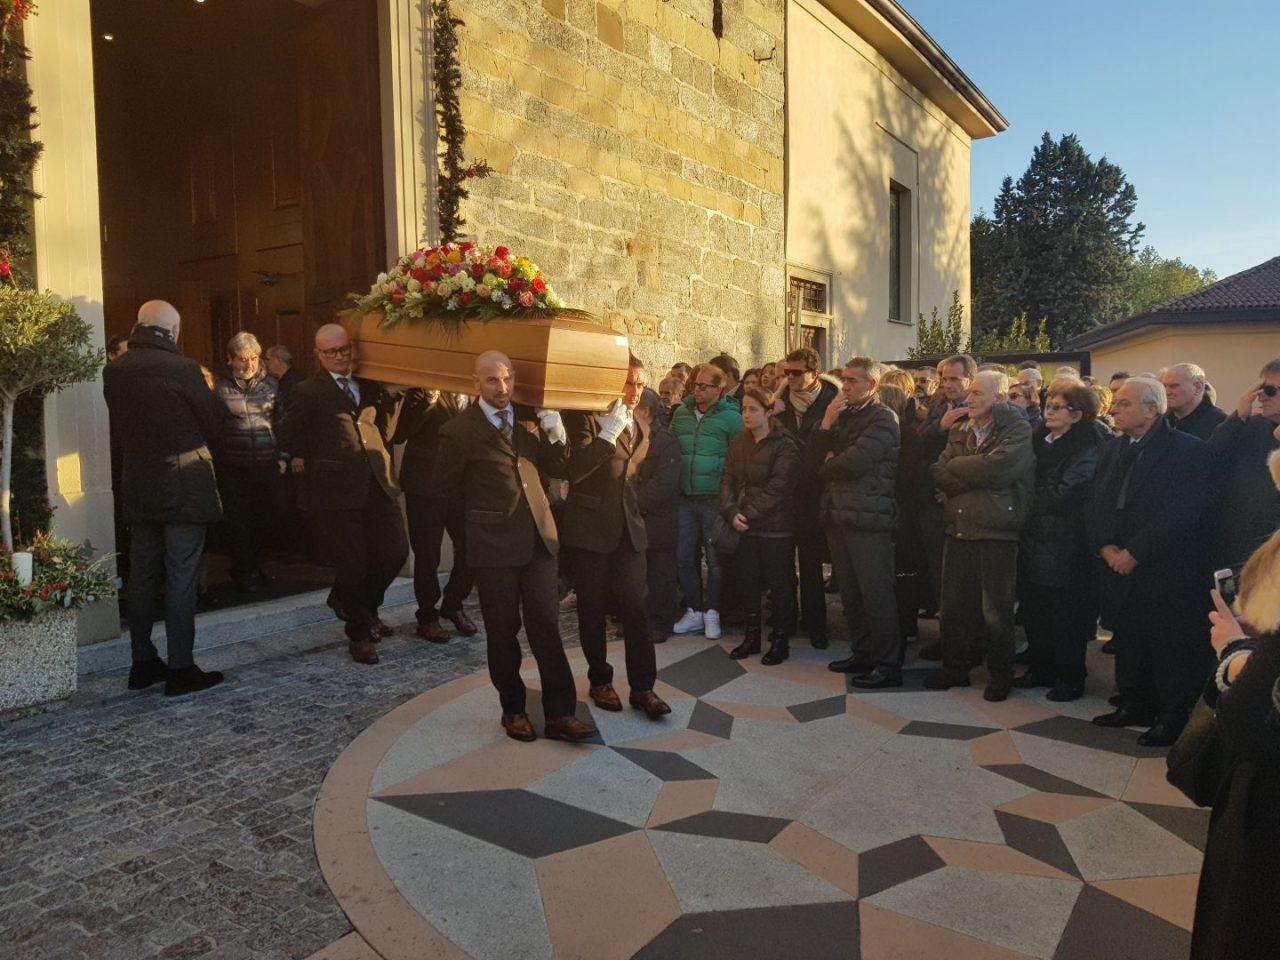 Nella chiesa parrocchiale di San Vito a Barzanò la celebrazione questo pomeriggio.